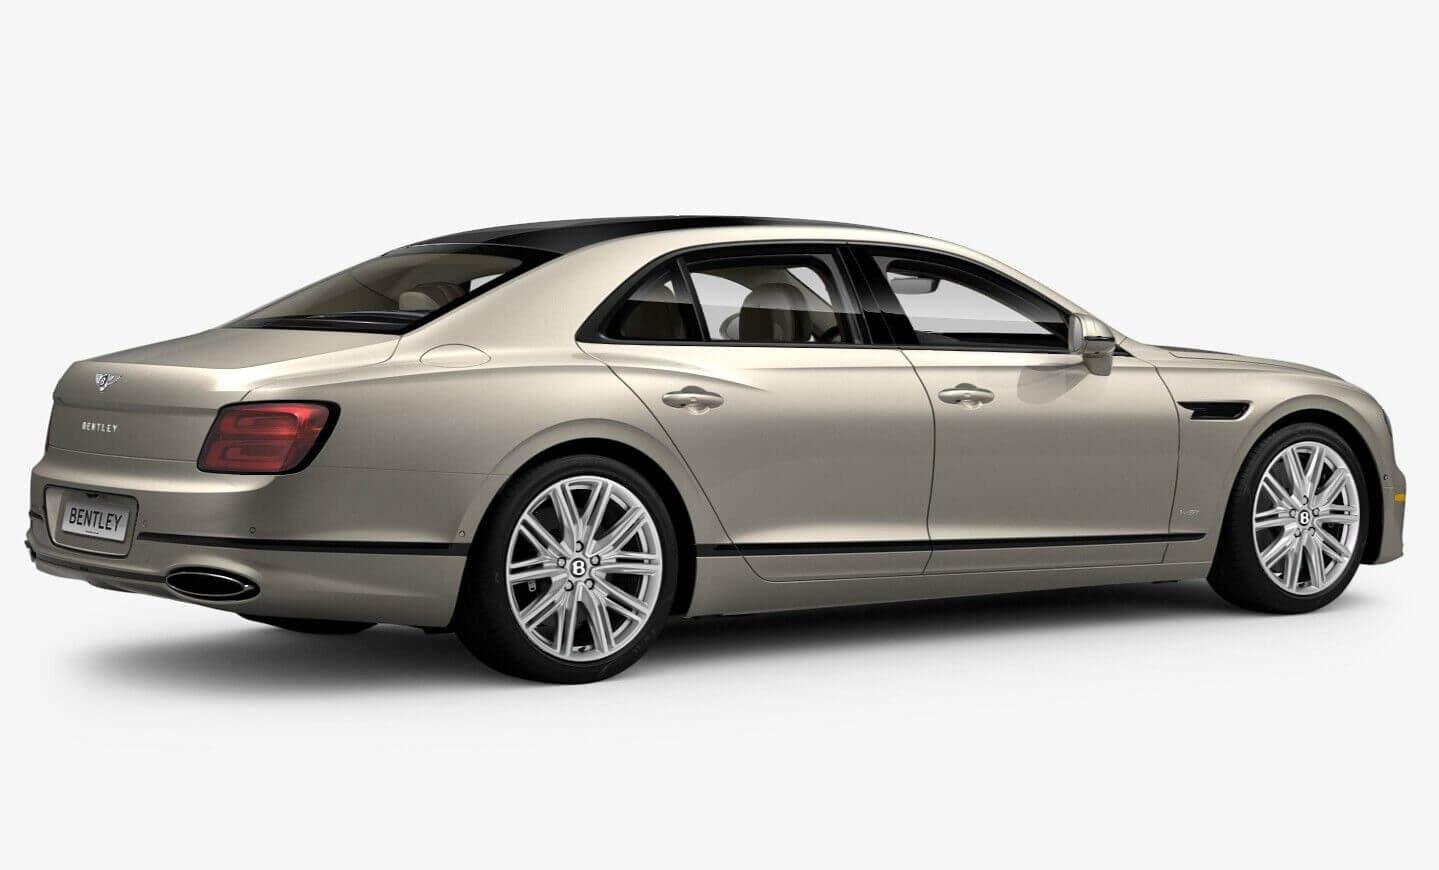 2021 Bentley Flying Spur 4dr Car